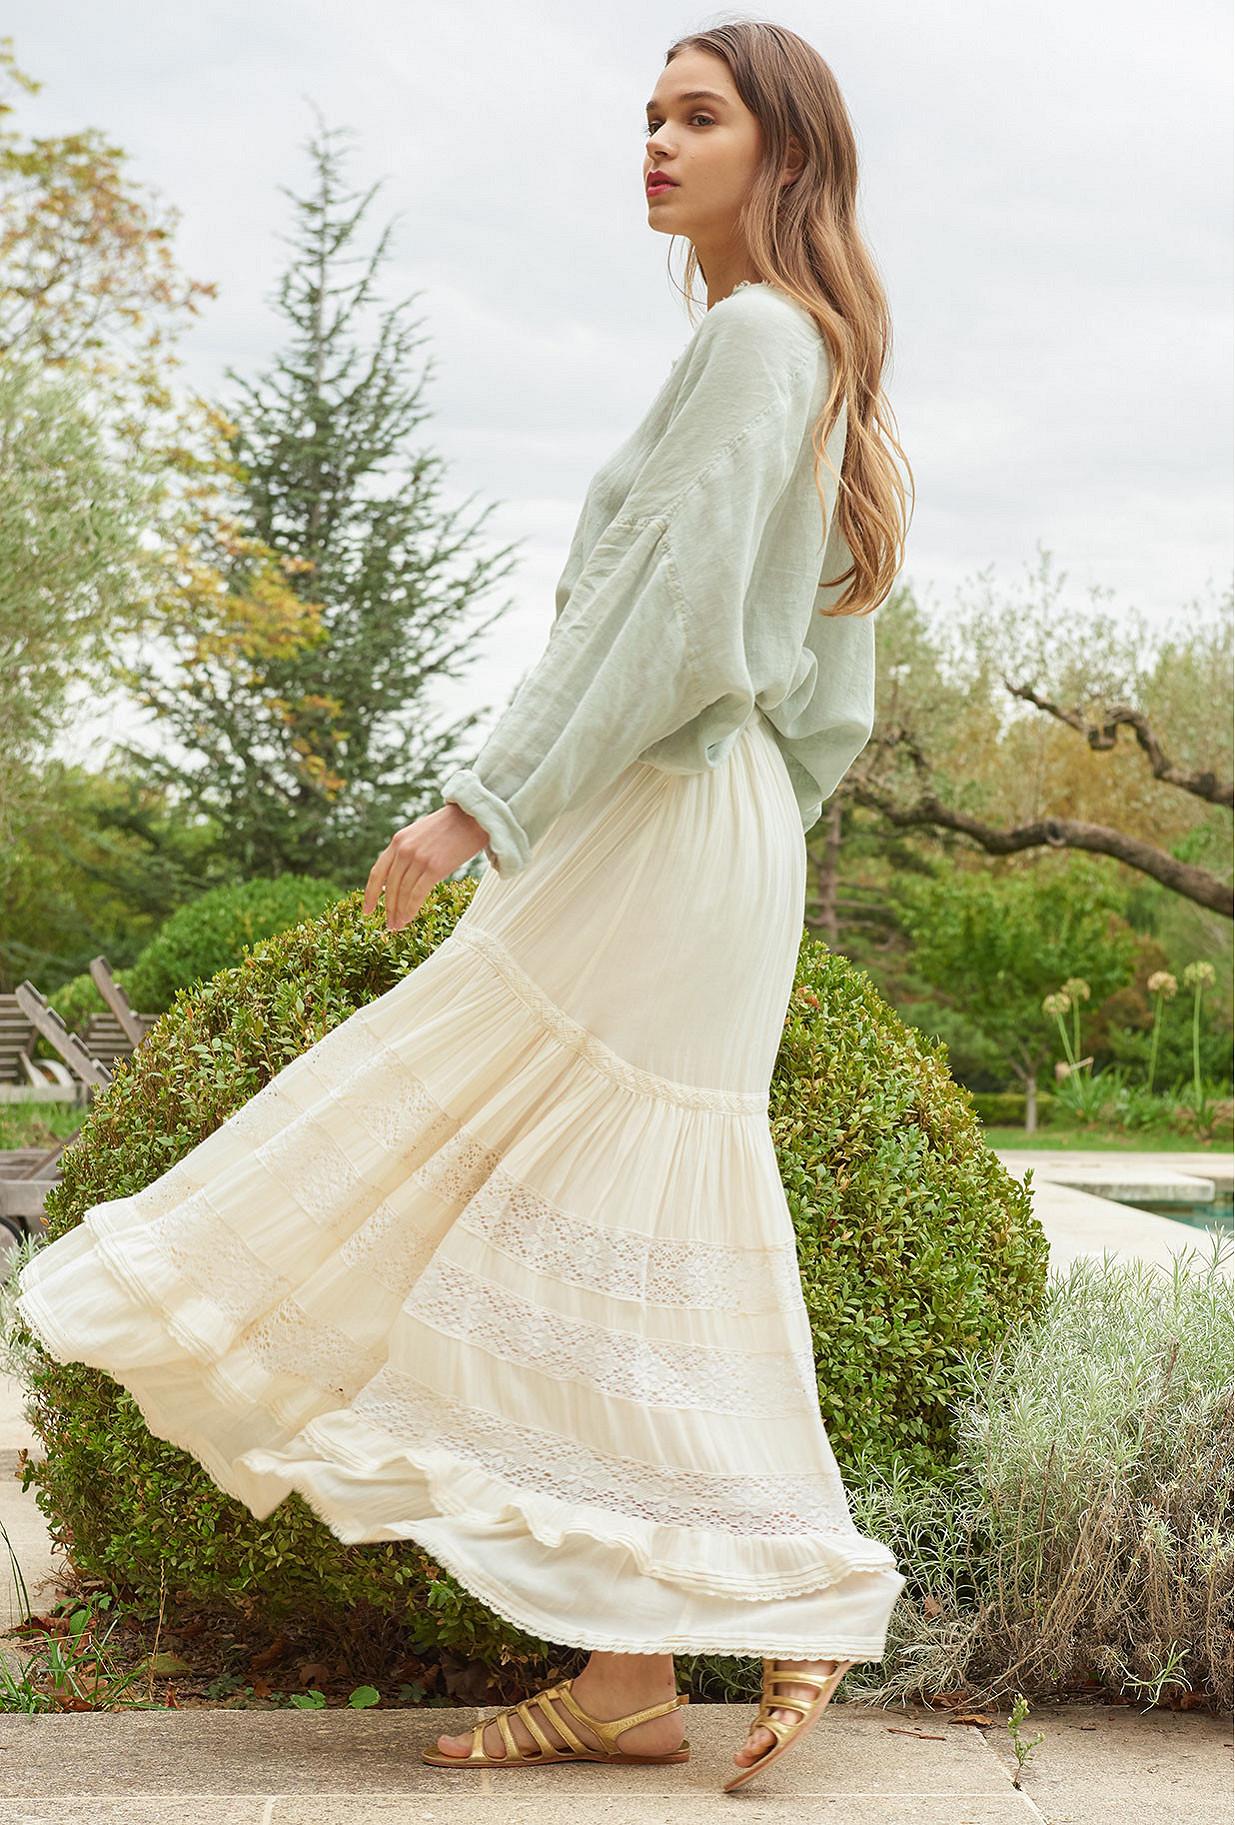 Jupe Blanc  Gretchen mes demoiselles paris vêtement femme paris